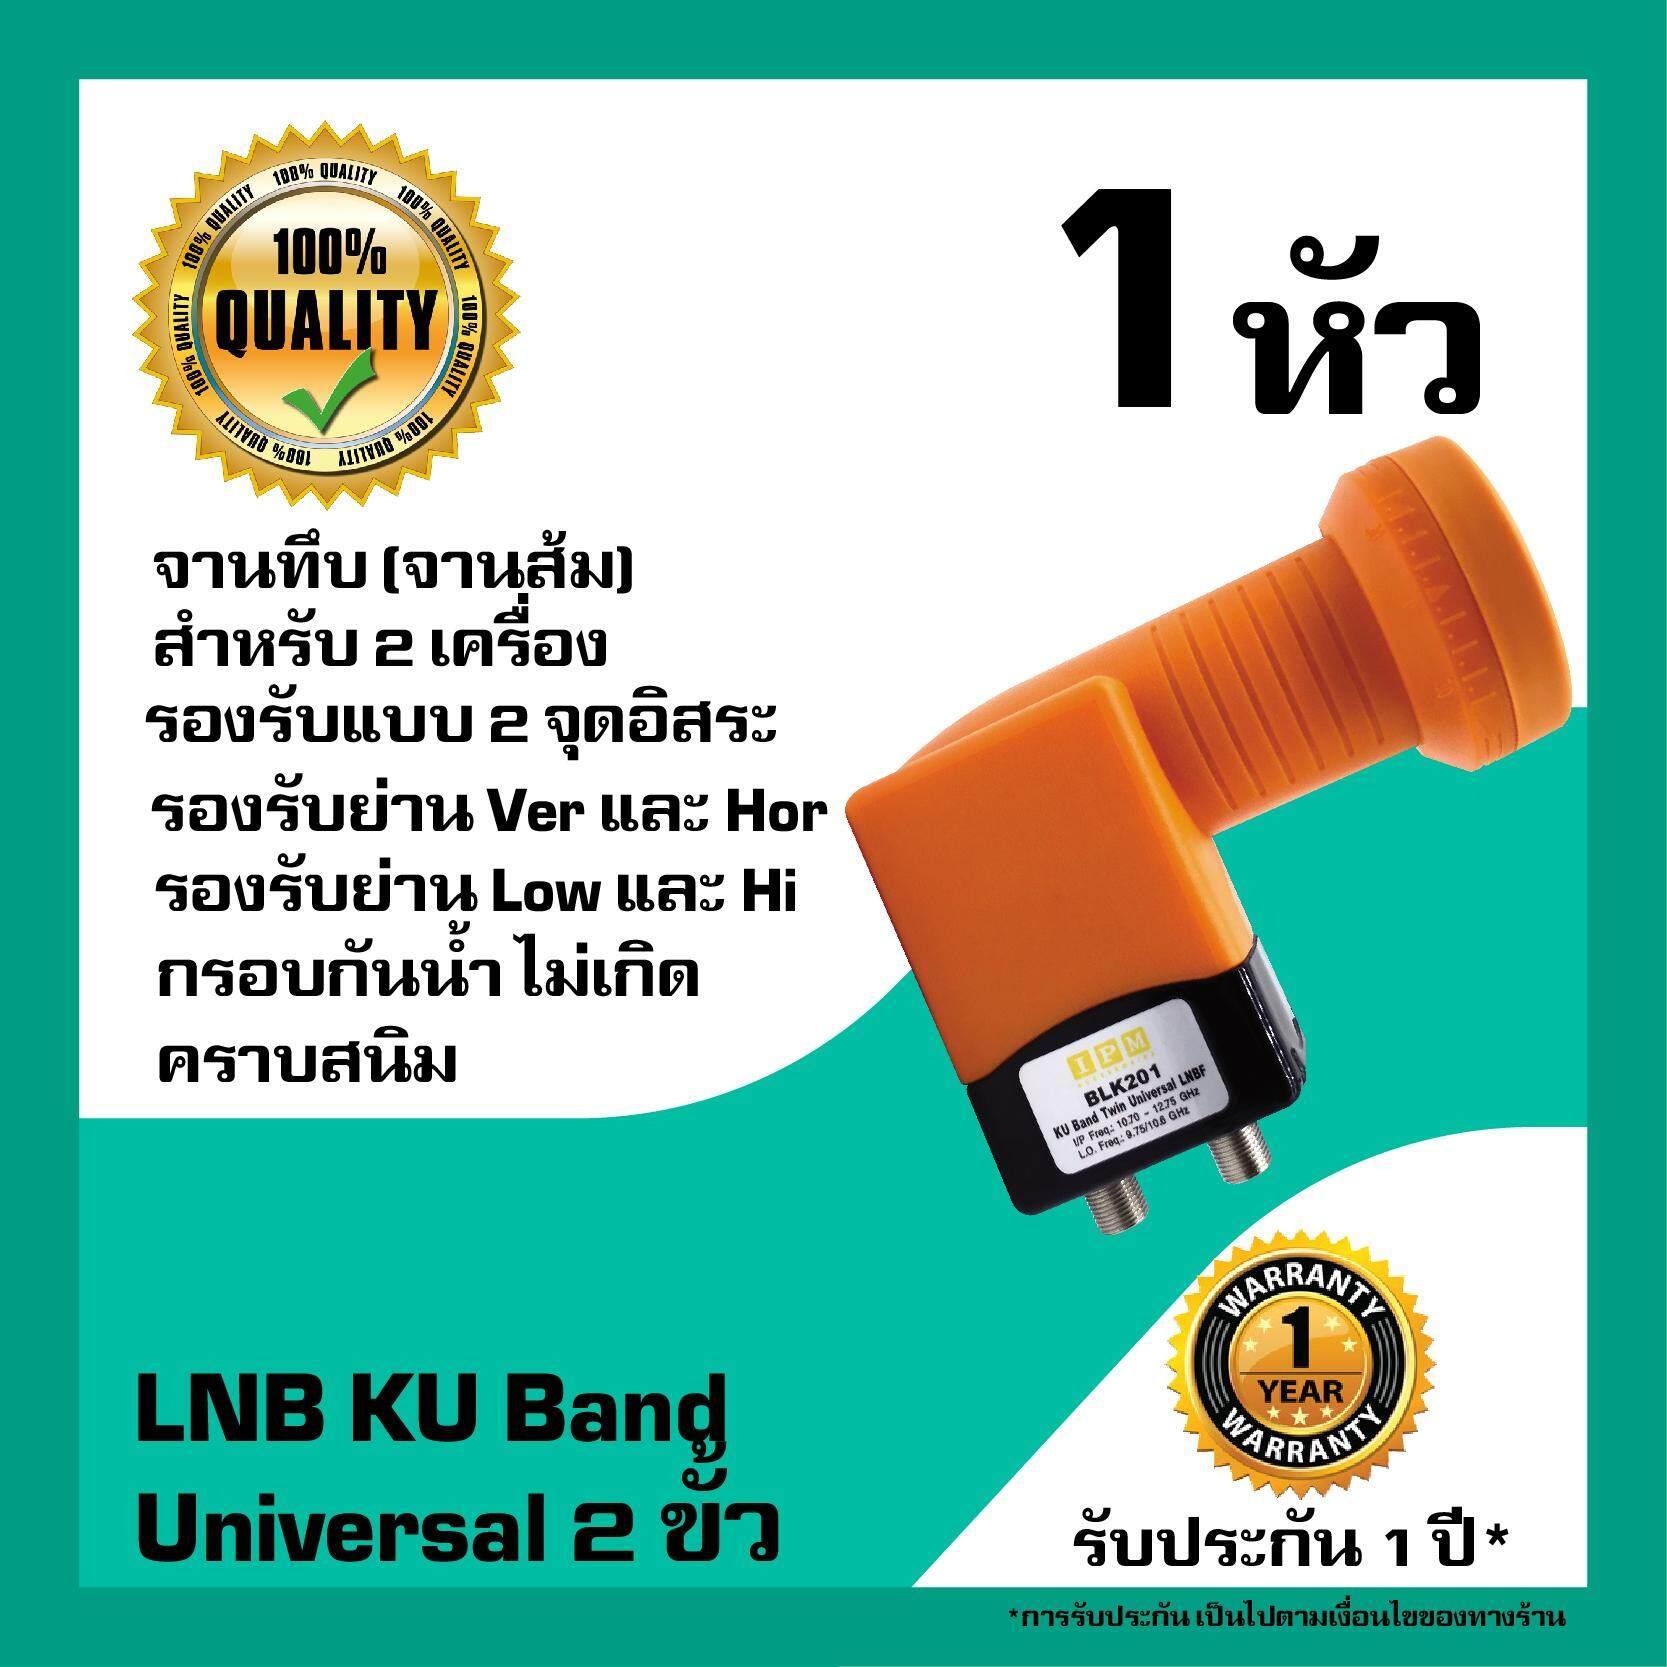 หัวรับสัญญาณดาวเทียม Ipm Lnb Universal 2 ขั้วอิสระ Lnb Ku Band สำหรับจานทึบ.